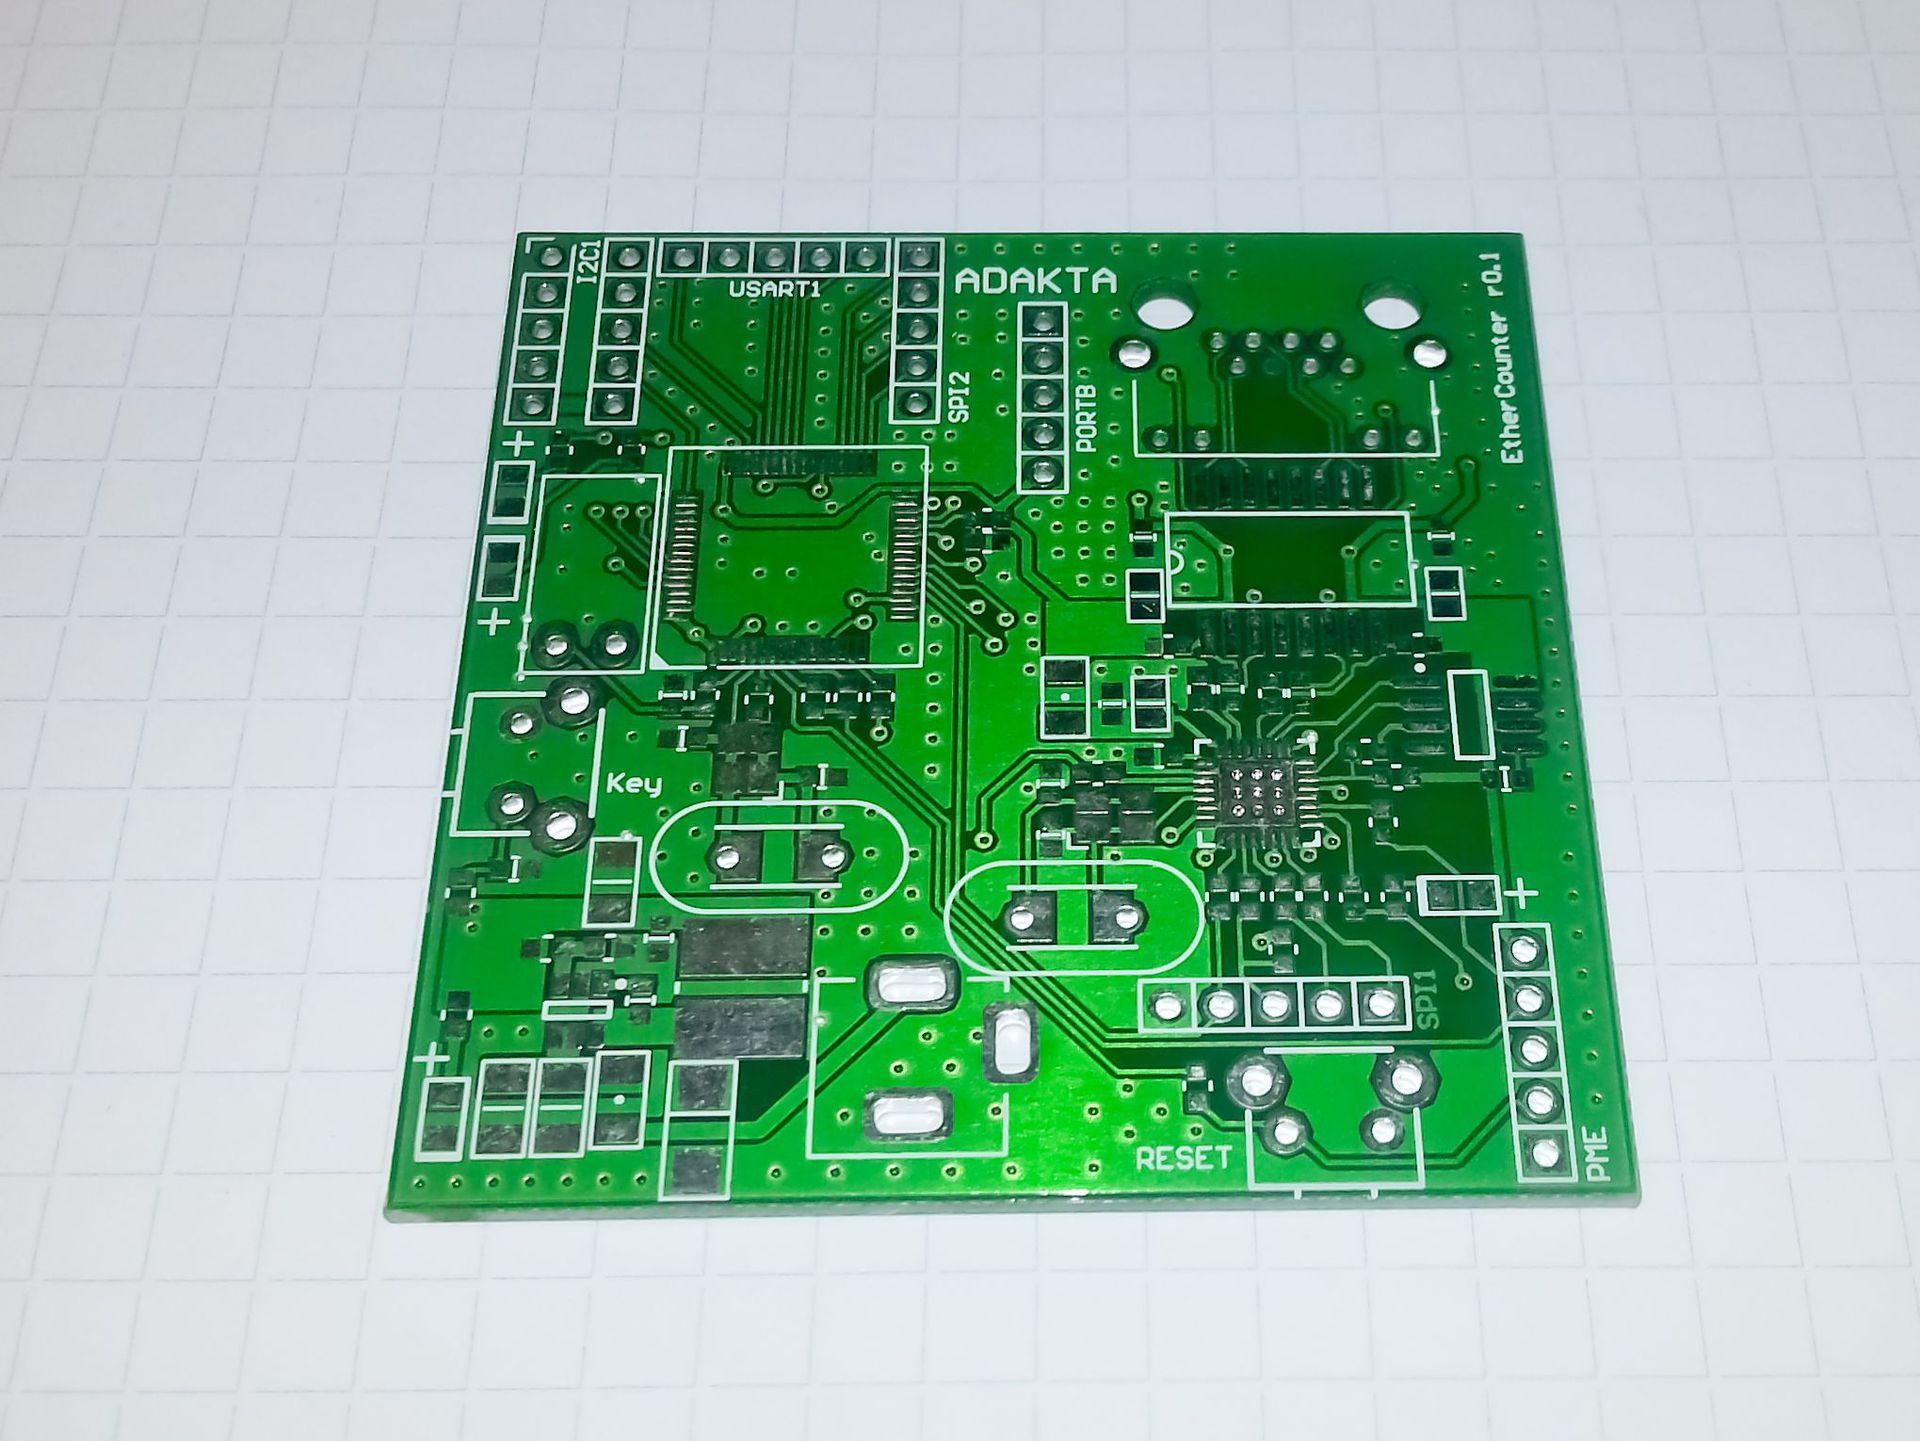 Ручной монтаж сложных плат на компонентах 0402, 0603, QFN, LQFP и THT - 5